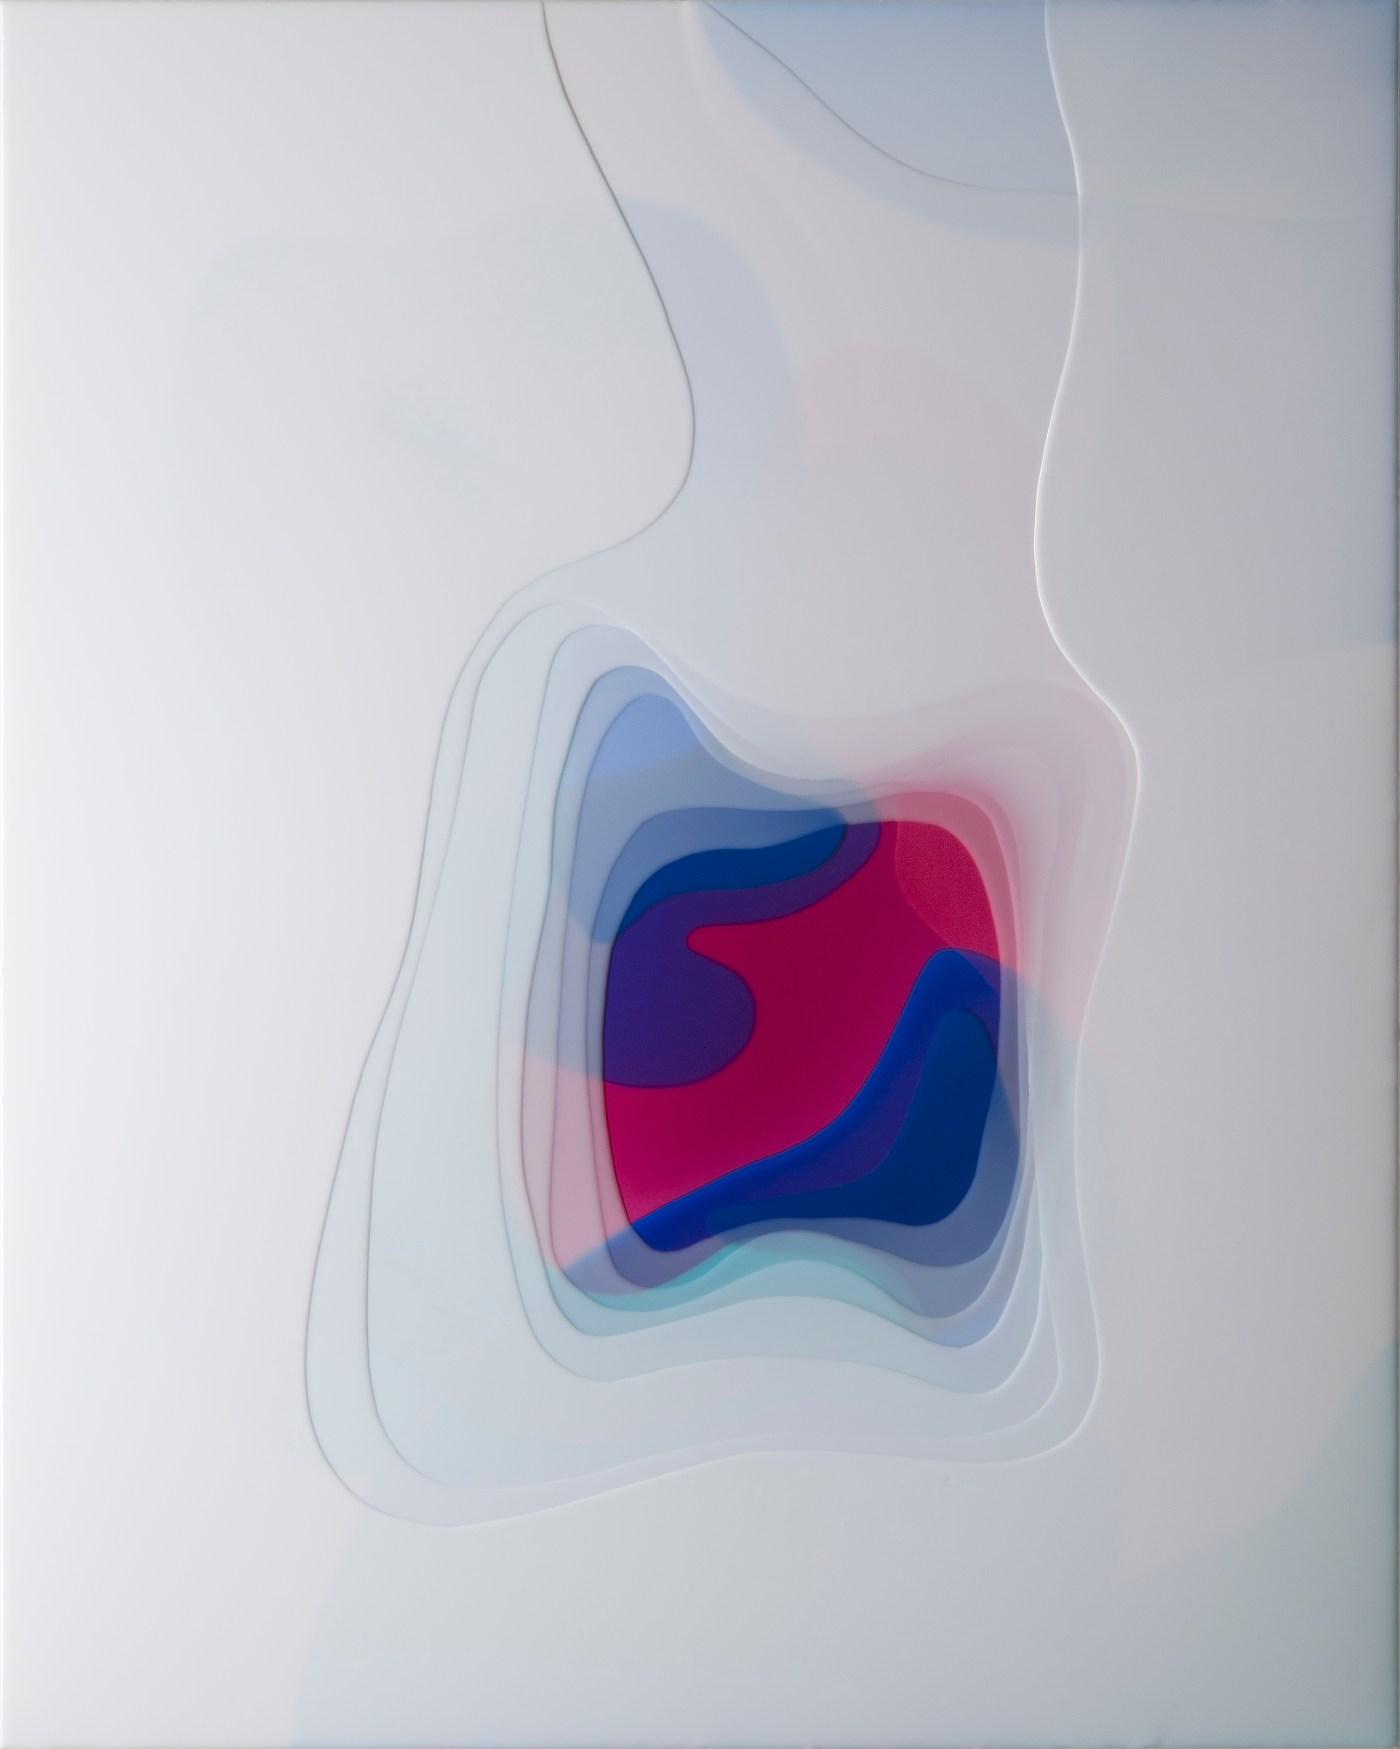 01.〈外生|Ecto〉,2018,環氧樹脂|epoxy,150 x 120 cm, 60 x 47 inches